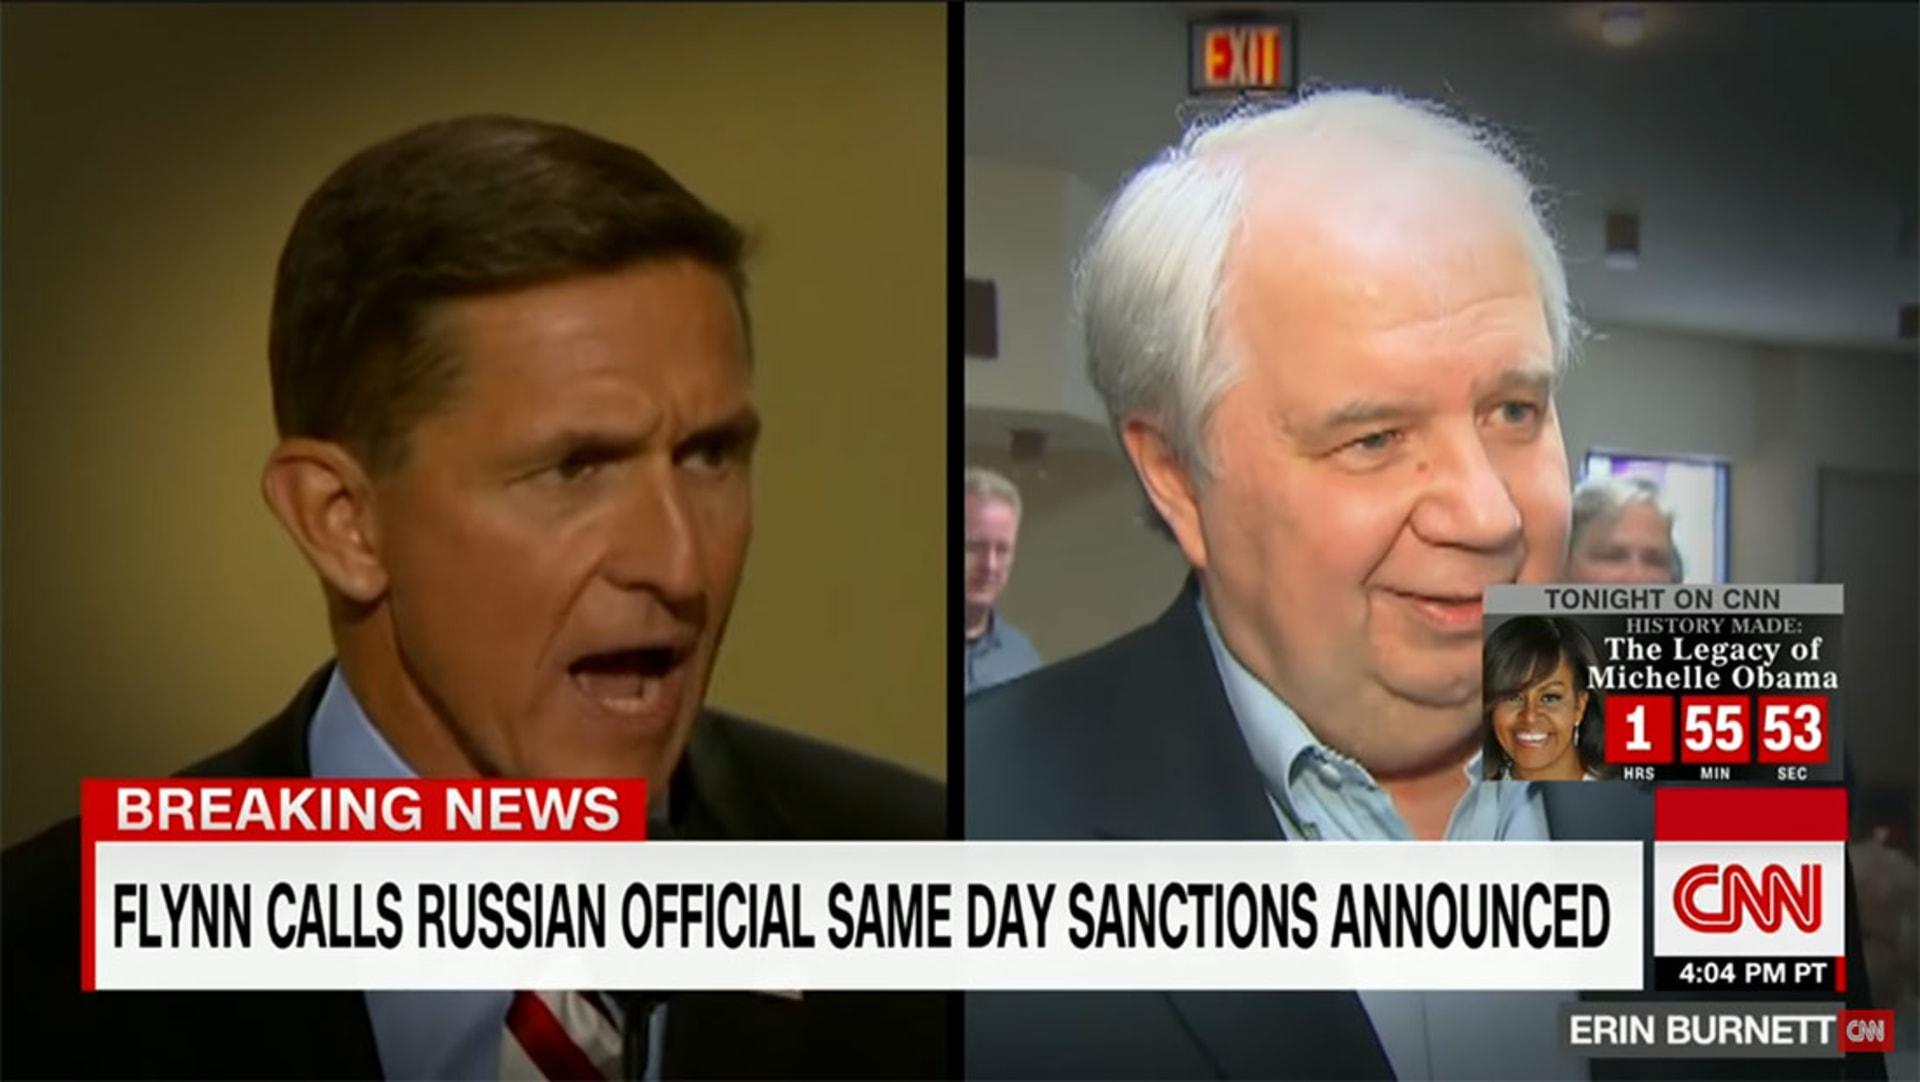 جدل مكالمة مستشار ترامب وسفير روسيا.. محللة لـCNN: متوقع وخصوصا بملفات كسوريا